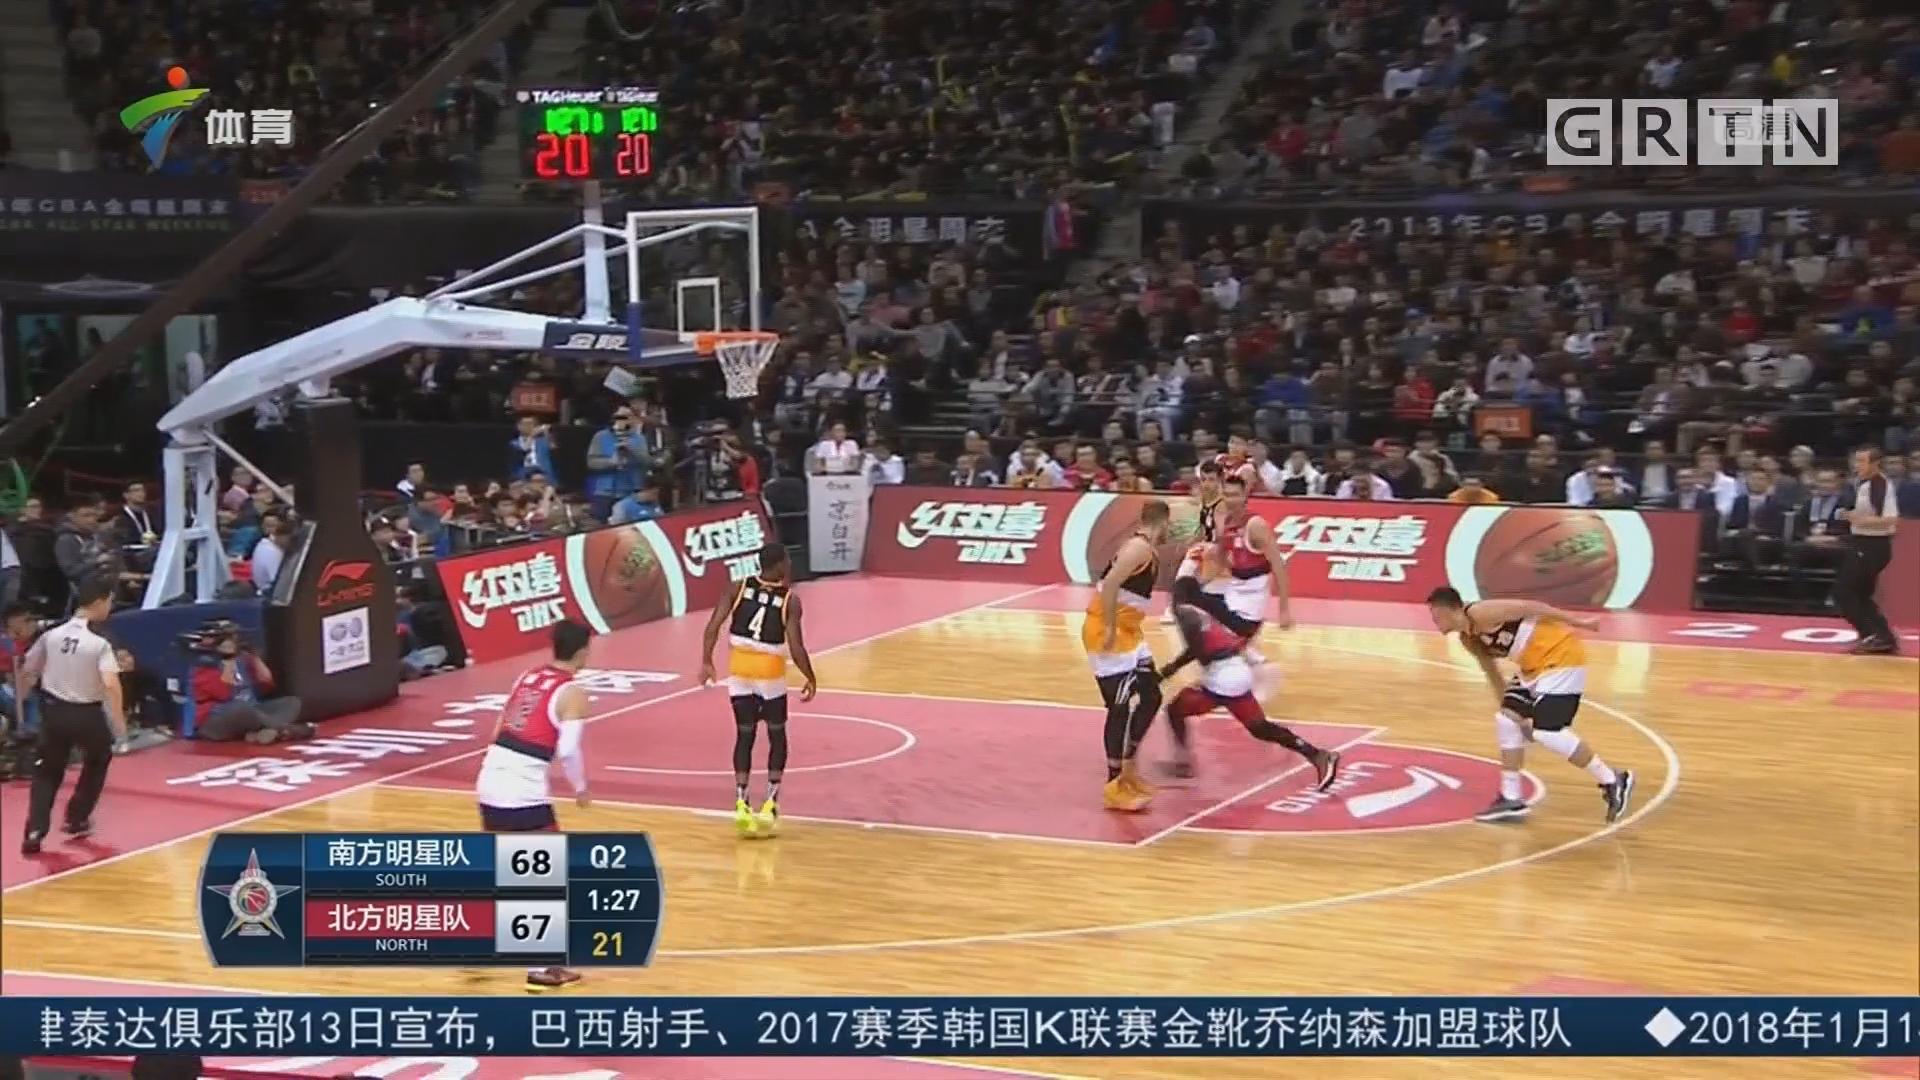 广东体育频道篮球评论员陈阳解说:全明星赛